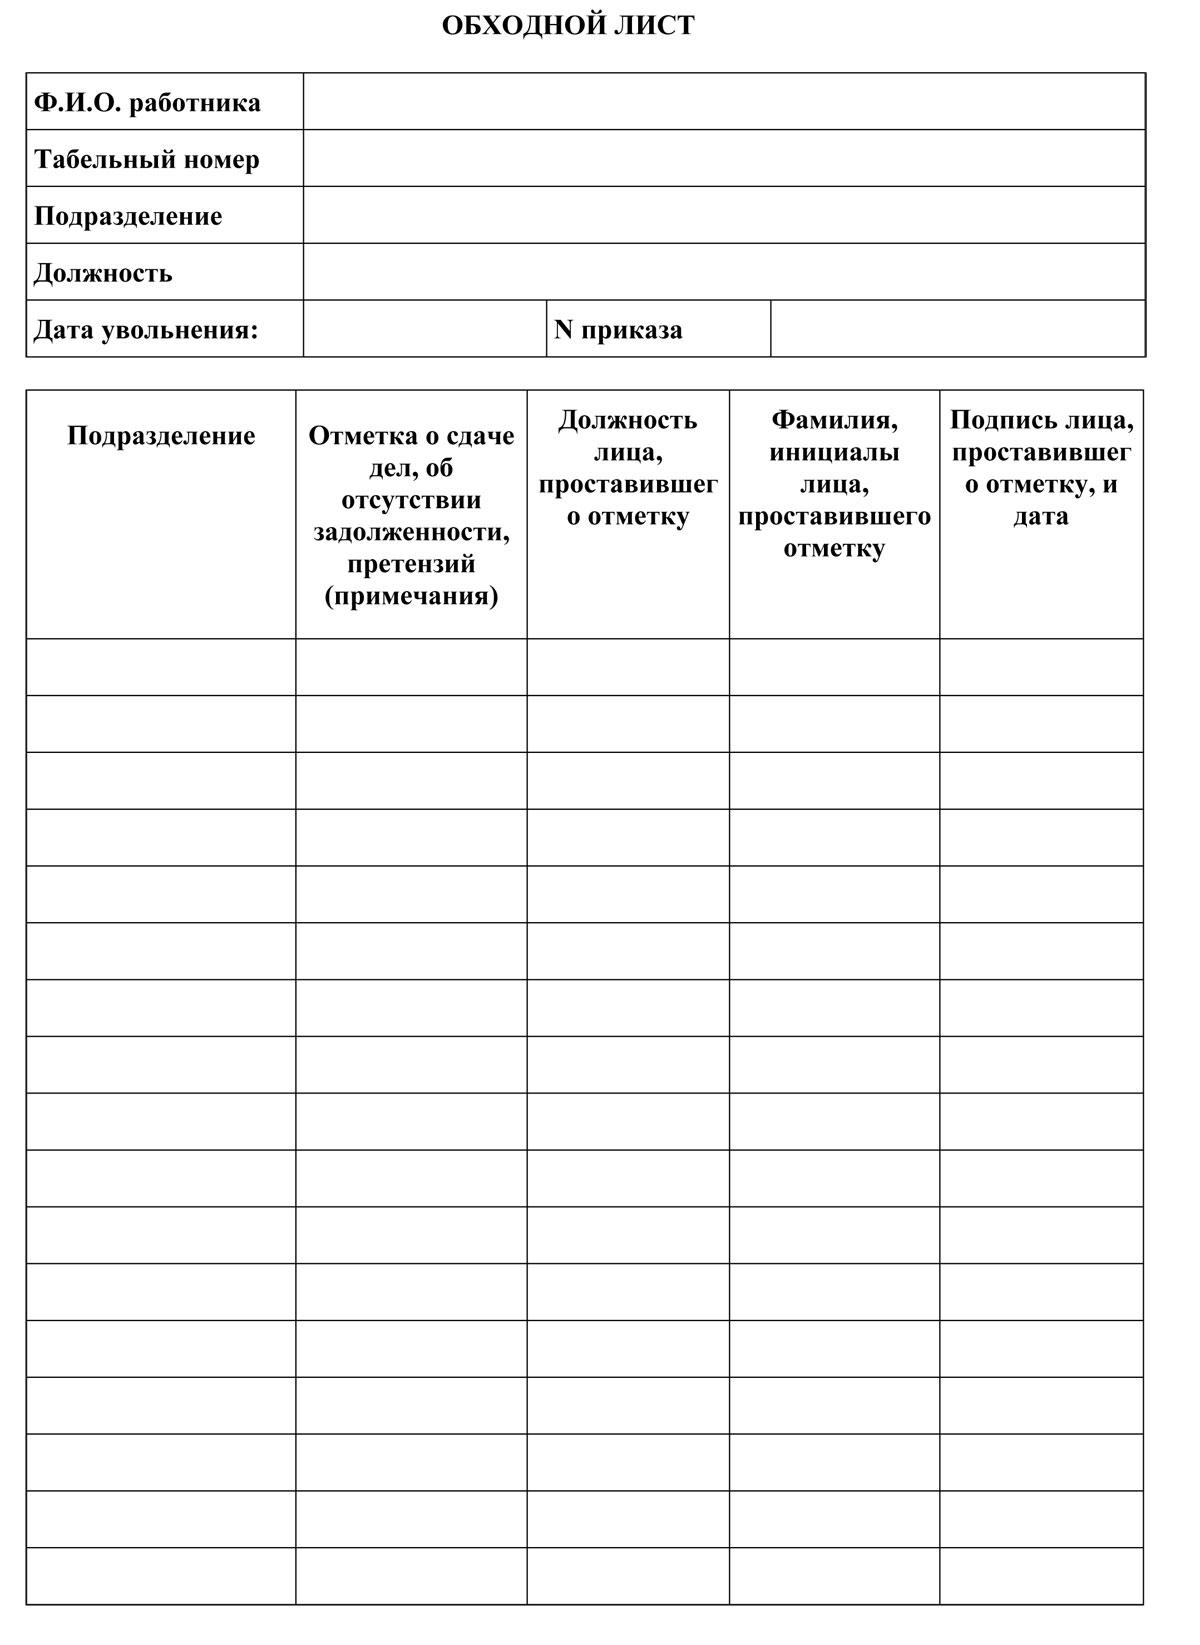 Пример обходного листа при увольнении работника